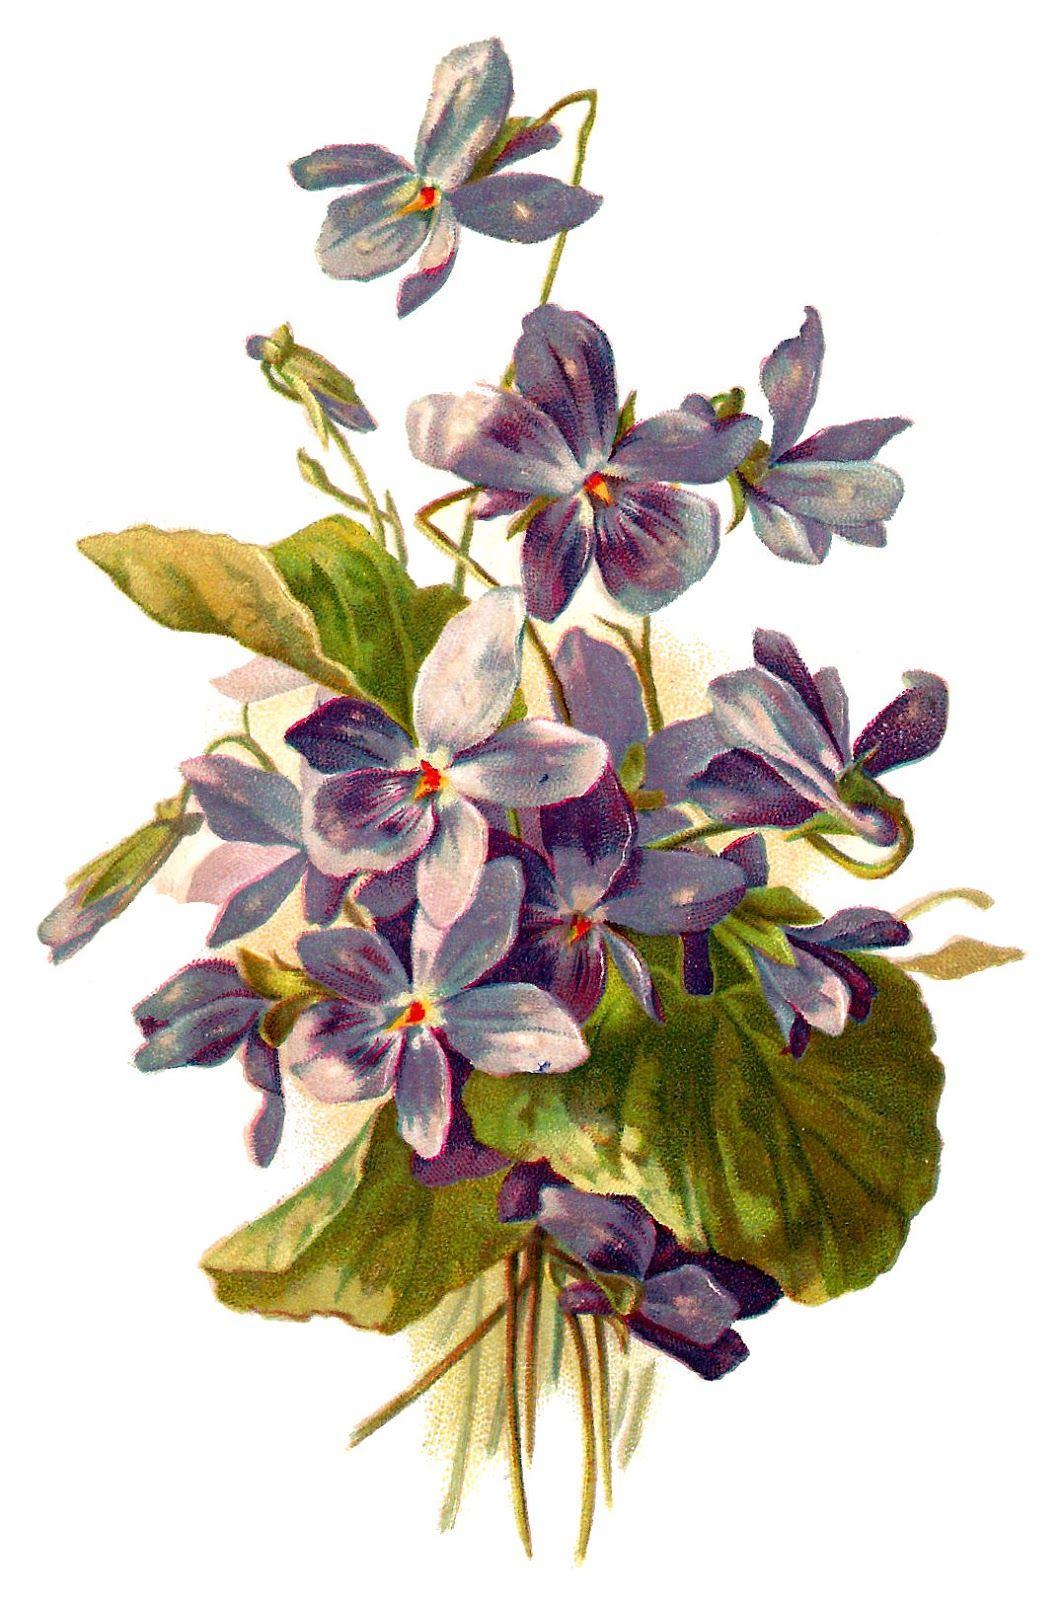 Violet Flower Download Free Image Botanical Illustration